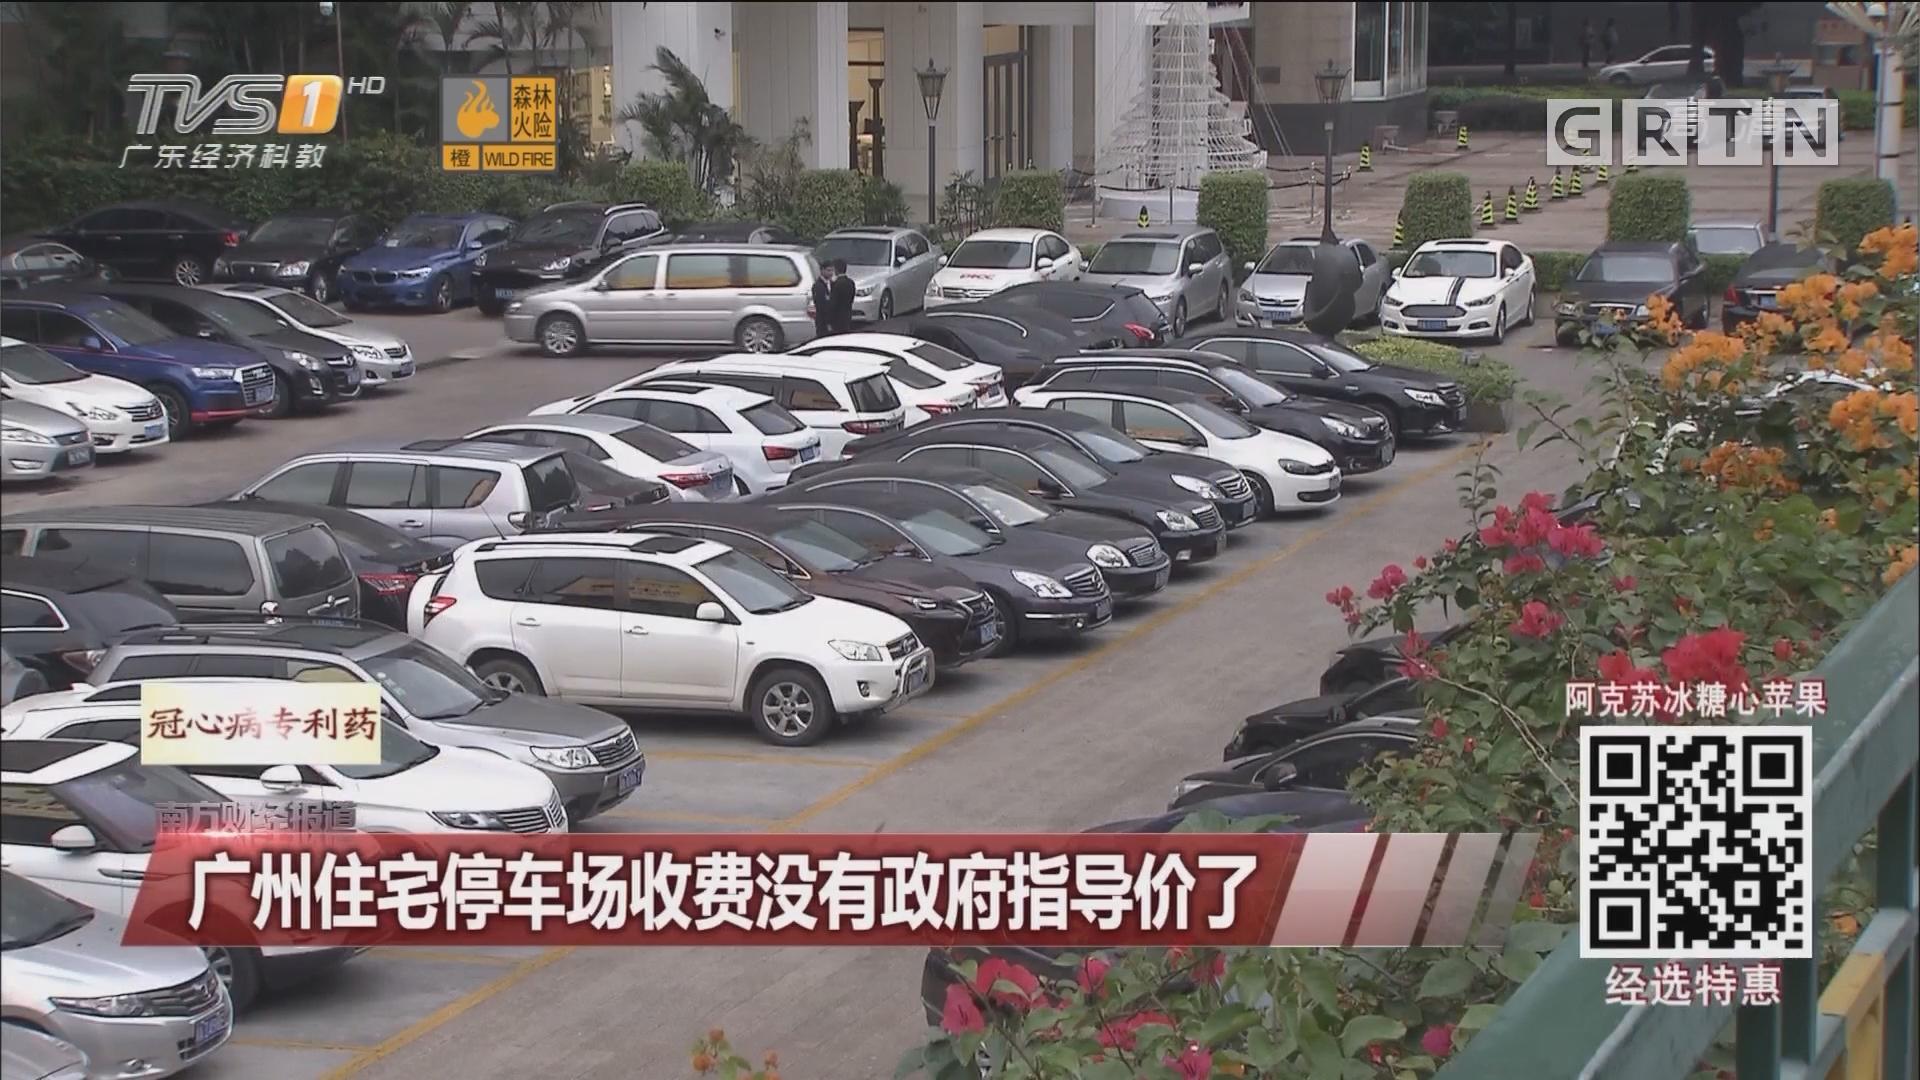 广州住宅停车场收费没有政府指导价了